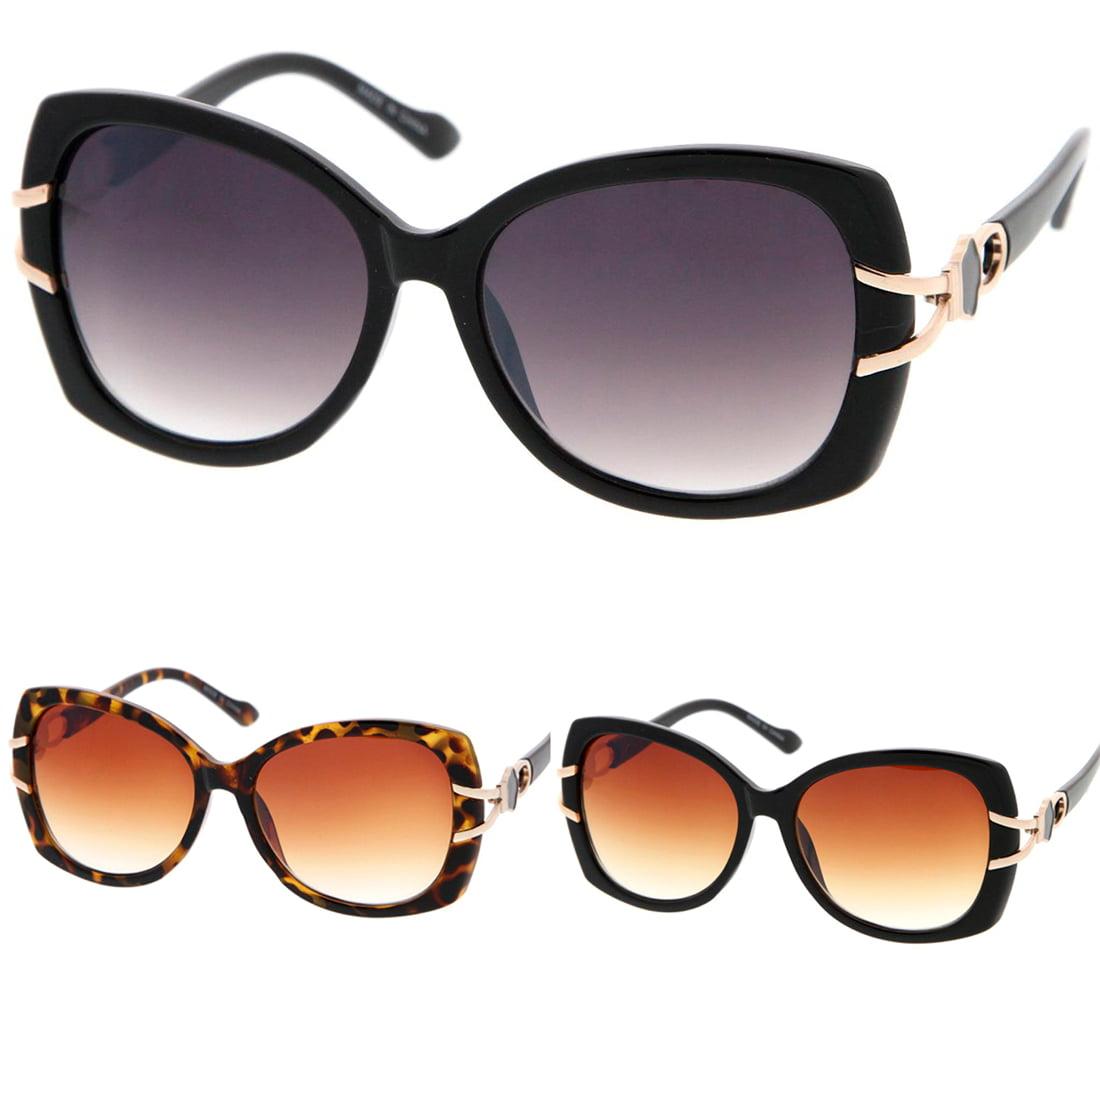 MLC Eyewear Vintage Fashion Oversize Butterfly Frame Women Sunglasses Model 56